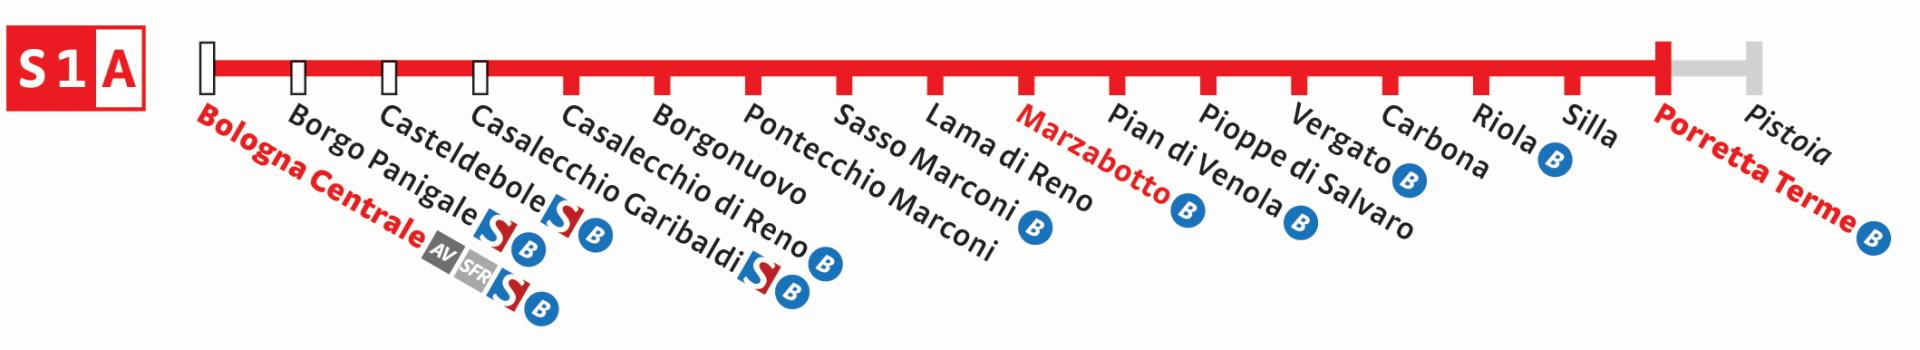 S1A Porretta T. - Bologna C.